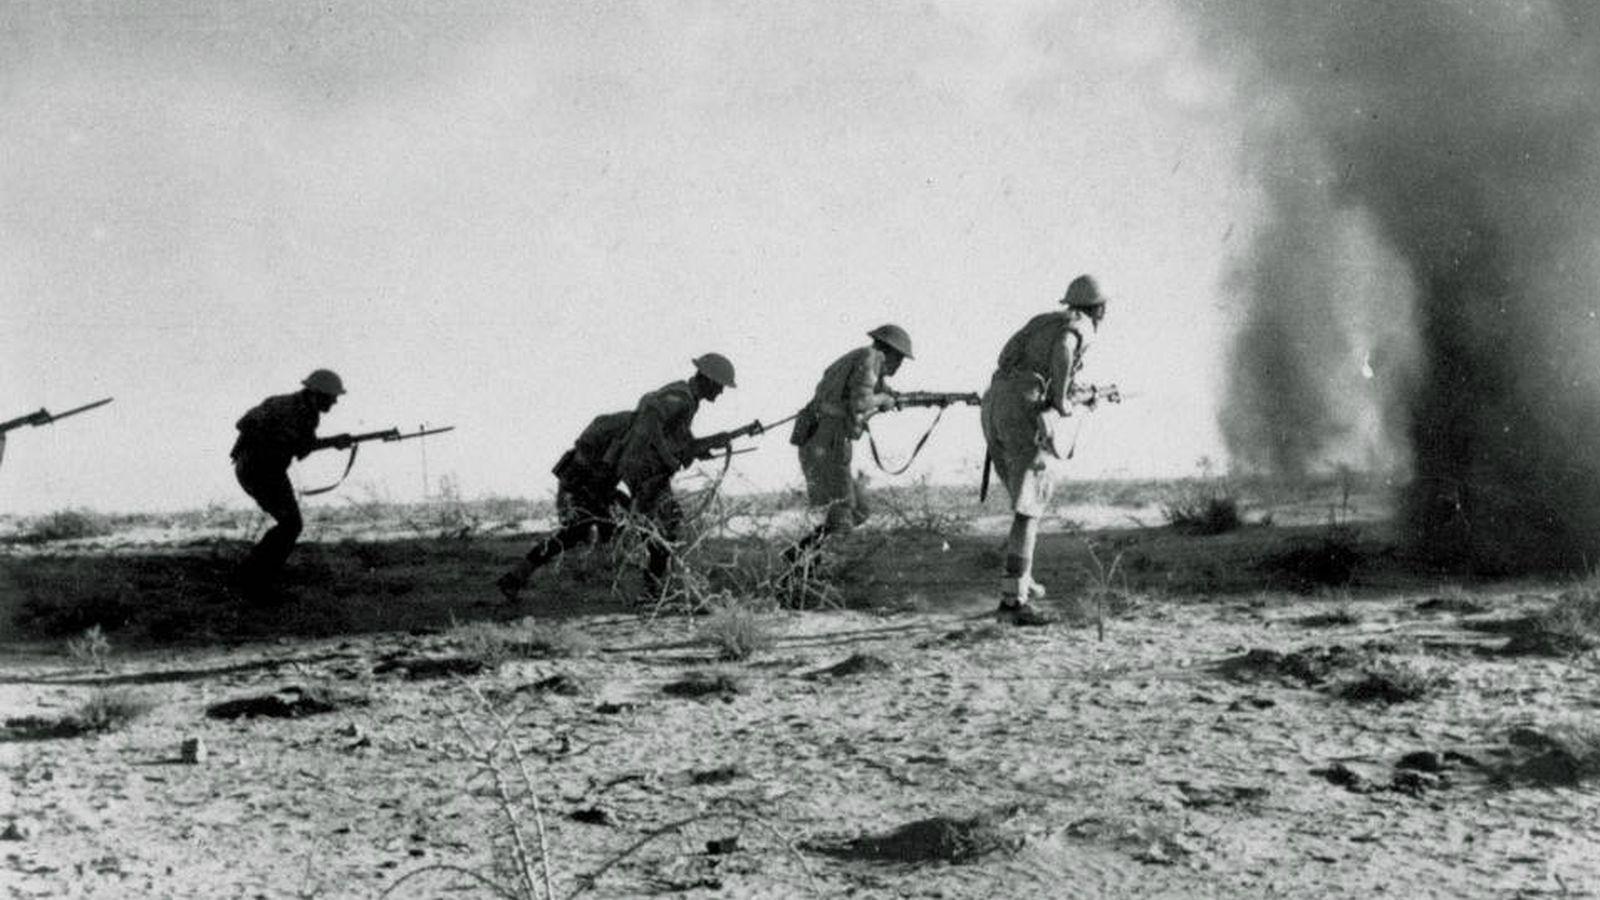 Foto: Soldados británicos en Egipto en 1942 durante la batalla de El Alamein